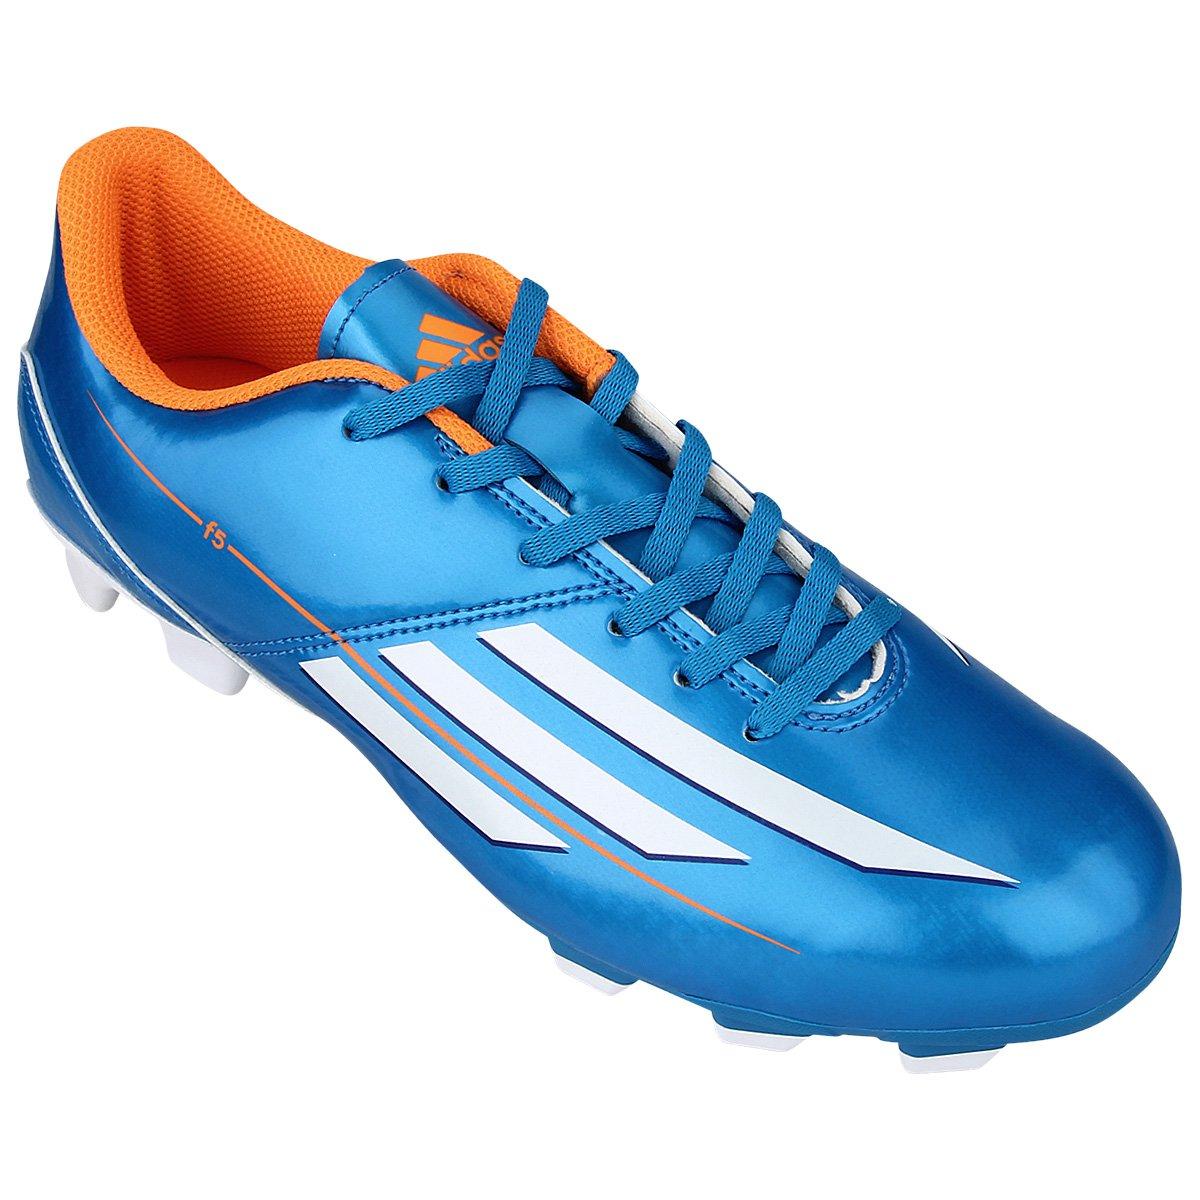 Chuteira Campo Adidas F5 TRX FG Masculina - Compre Agora  1b532dd483d7c